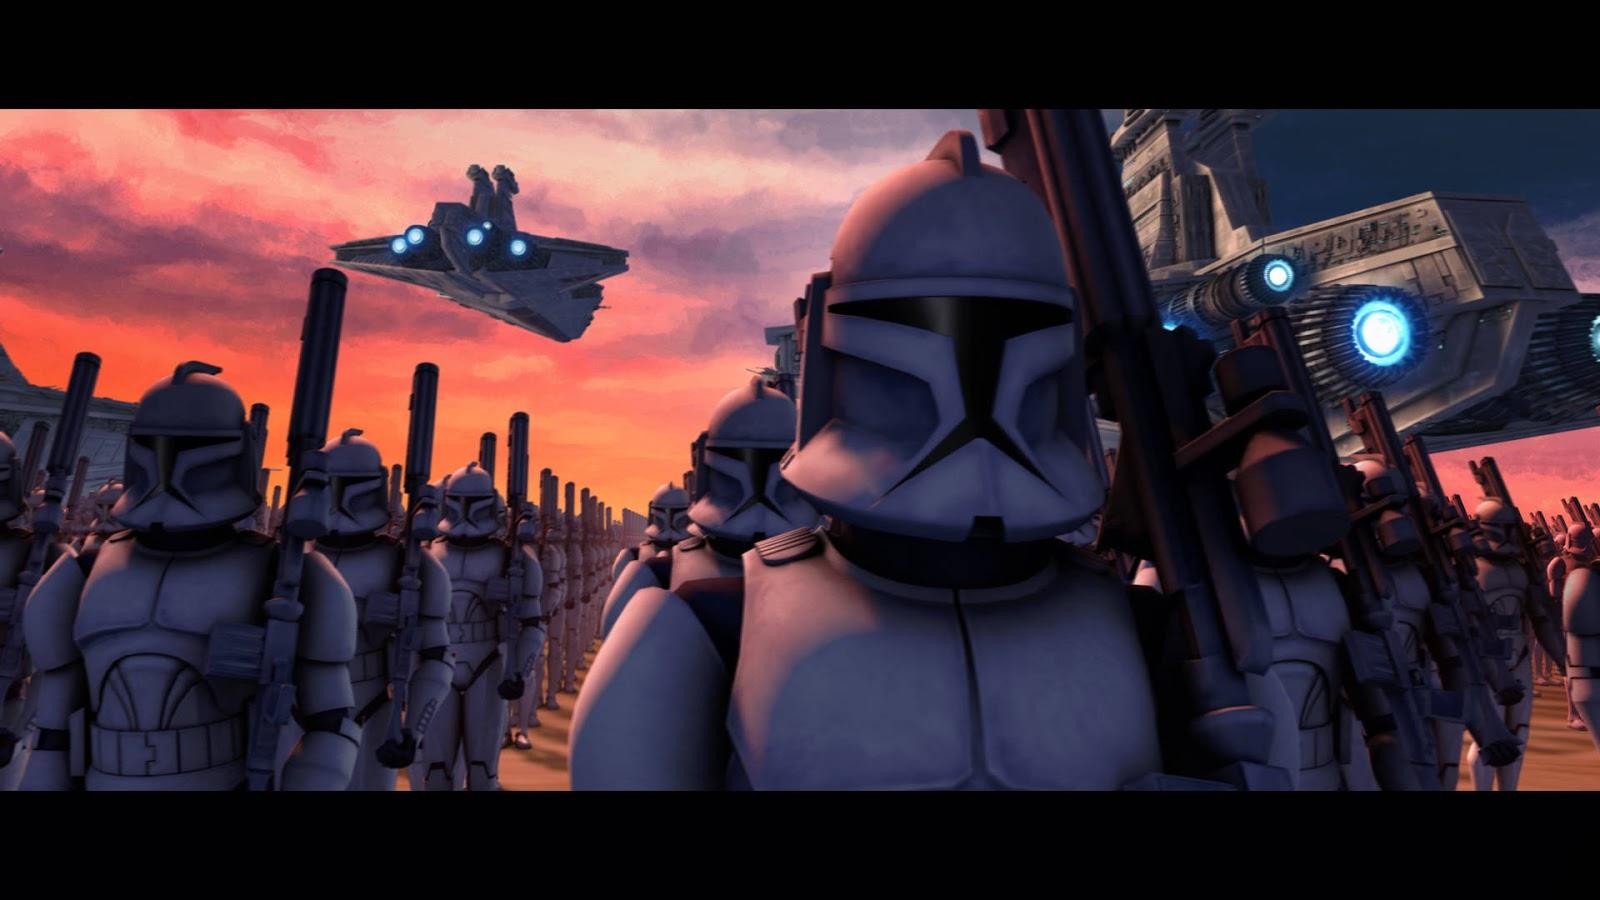 Star Wars Klon Savaşları Yeni Oyunu